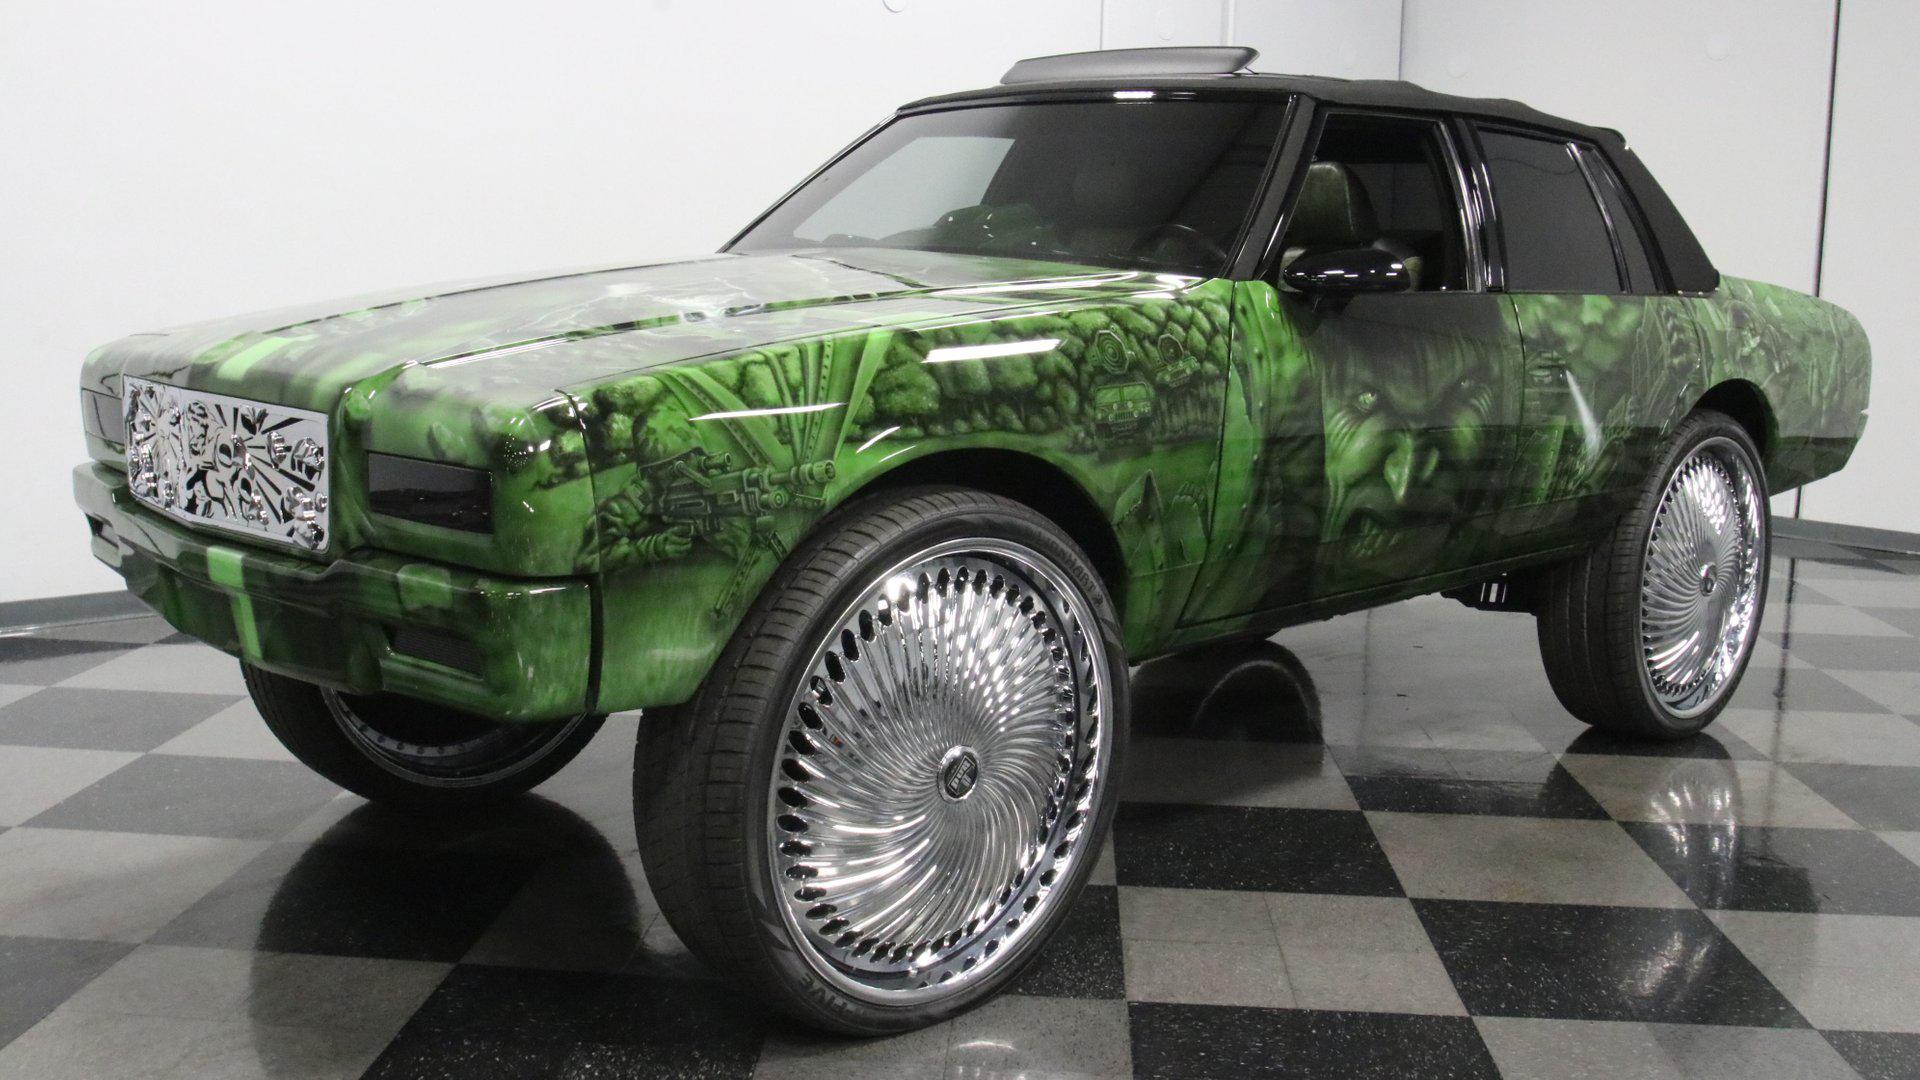 На аукционе Streetside Classics продают крупный седан Chevrolet Caprice, стилизованный под героя вселенной комиксов Marvel. За «Халка» просят всего $40 000 – столько, по словам мастеров из Spade Kreations, в далёком 1989 году ушло на одну только окраску кузова.